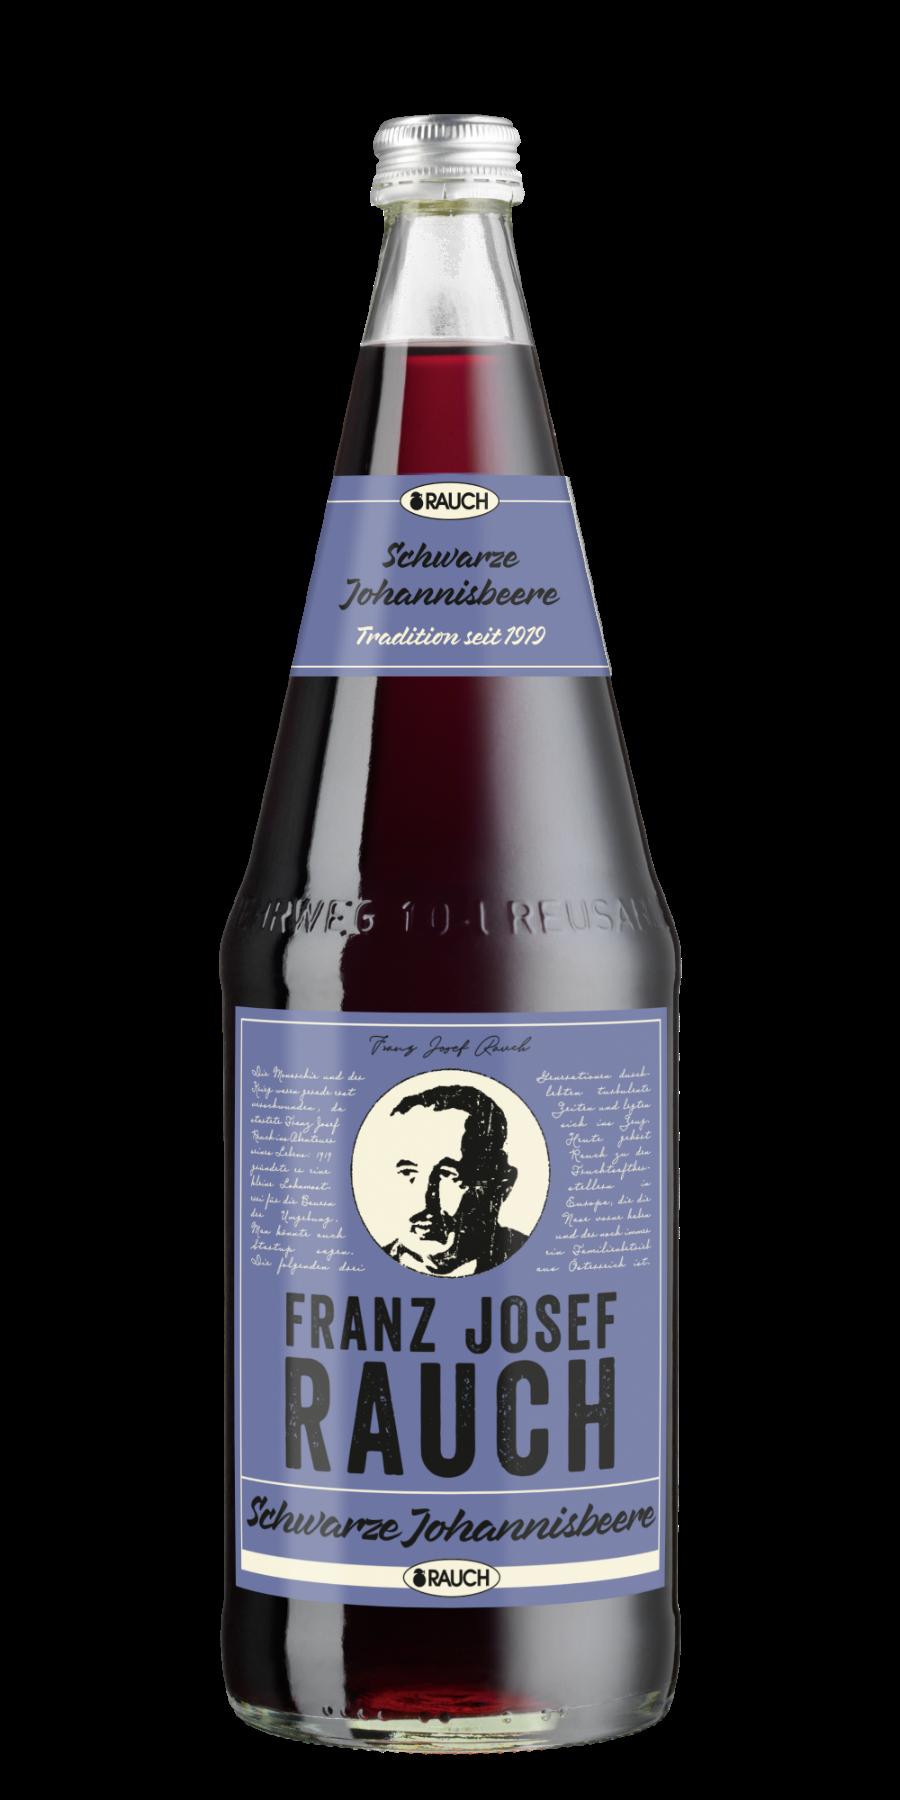 """""""Franz Josef Rauch"""": Wir ehren das Alte und begrüßen das Neue!"""